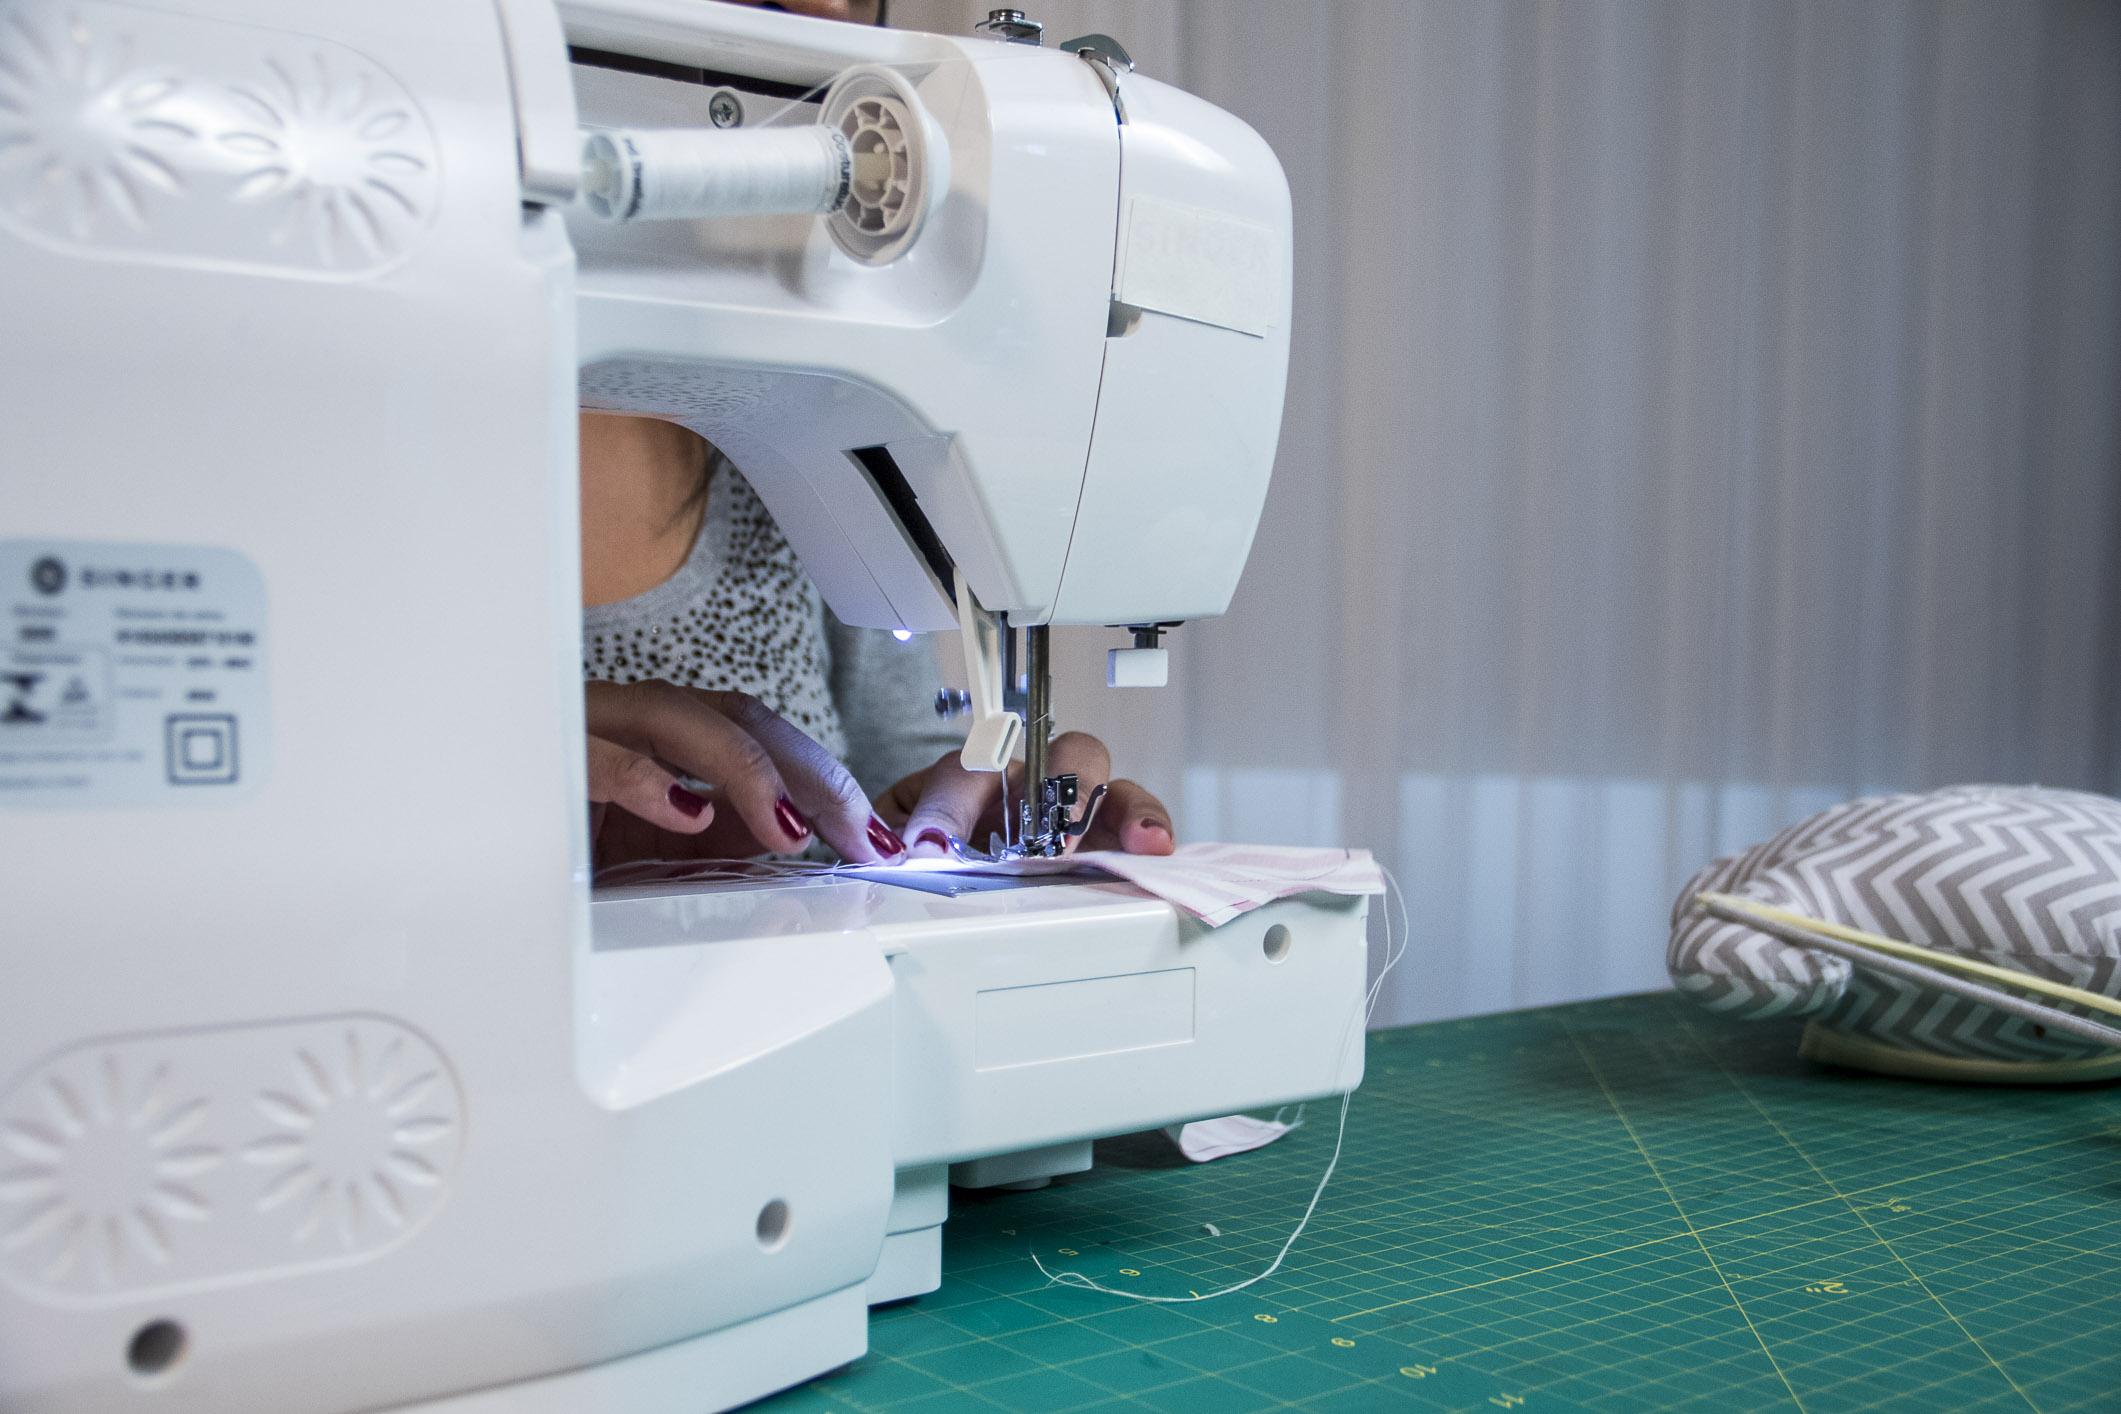 Prepare a máquina e separe os materiais para começar a produzir já as suas peças